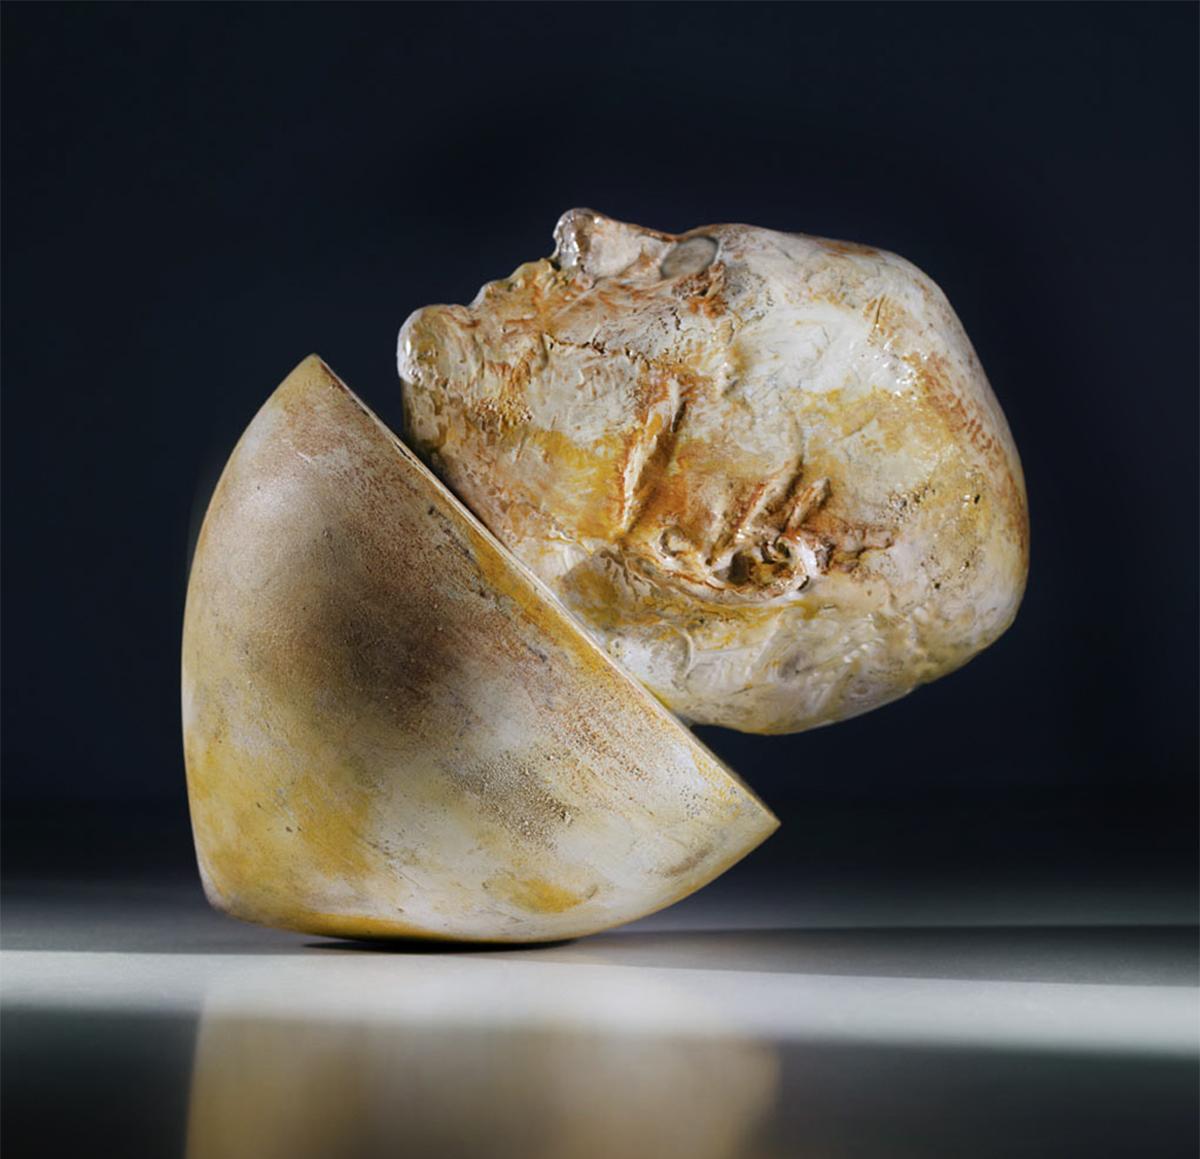 Fotografía de ainhoa anaut reproducción de arte, escultura de damian diaz